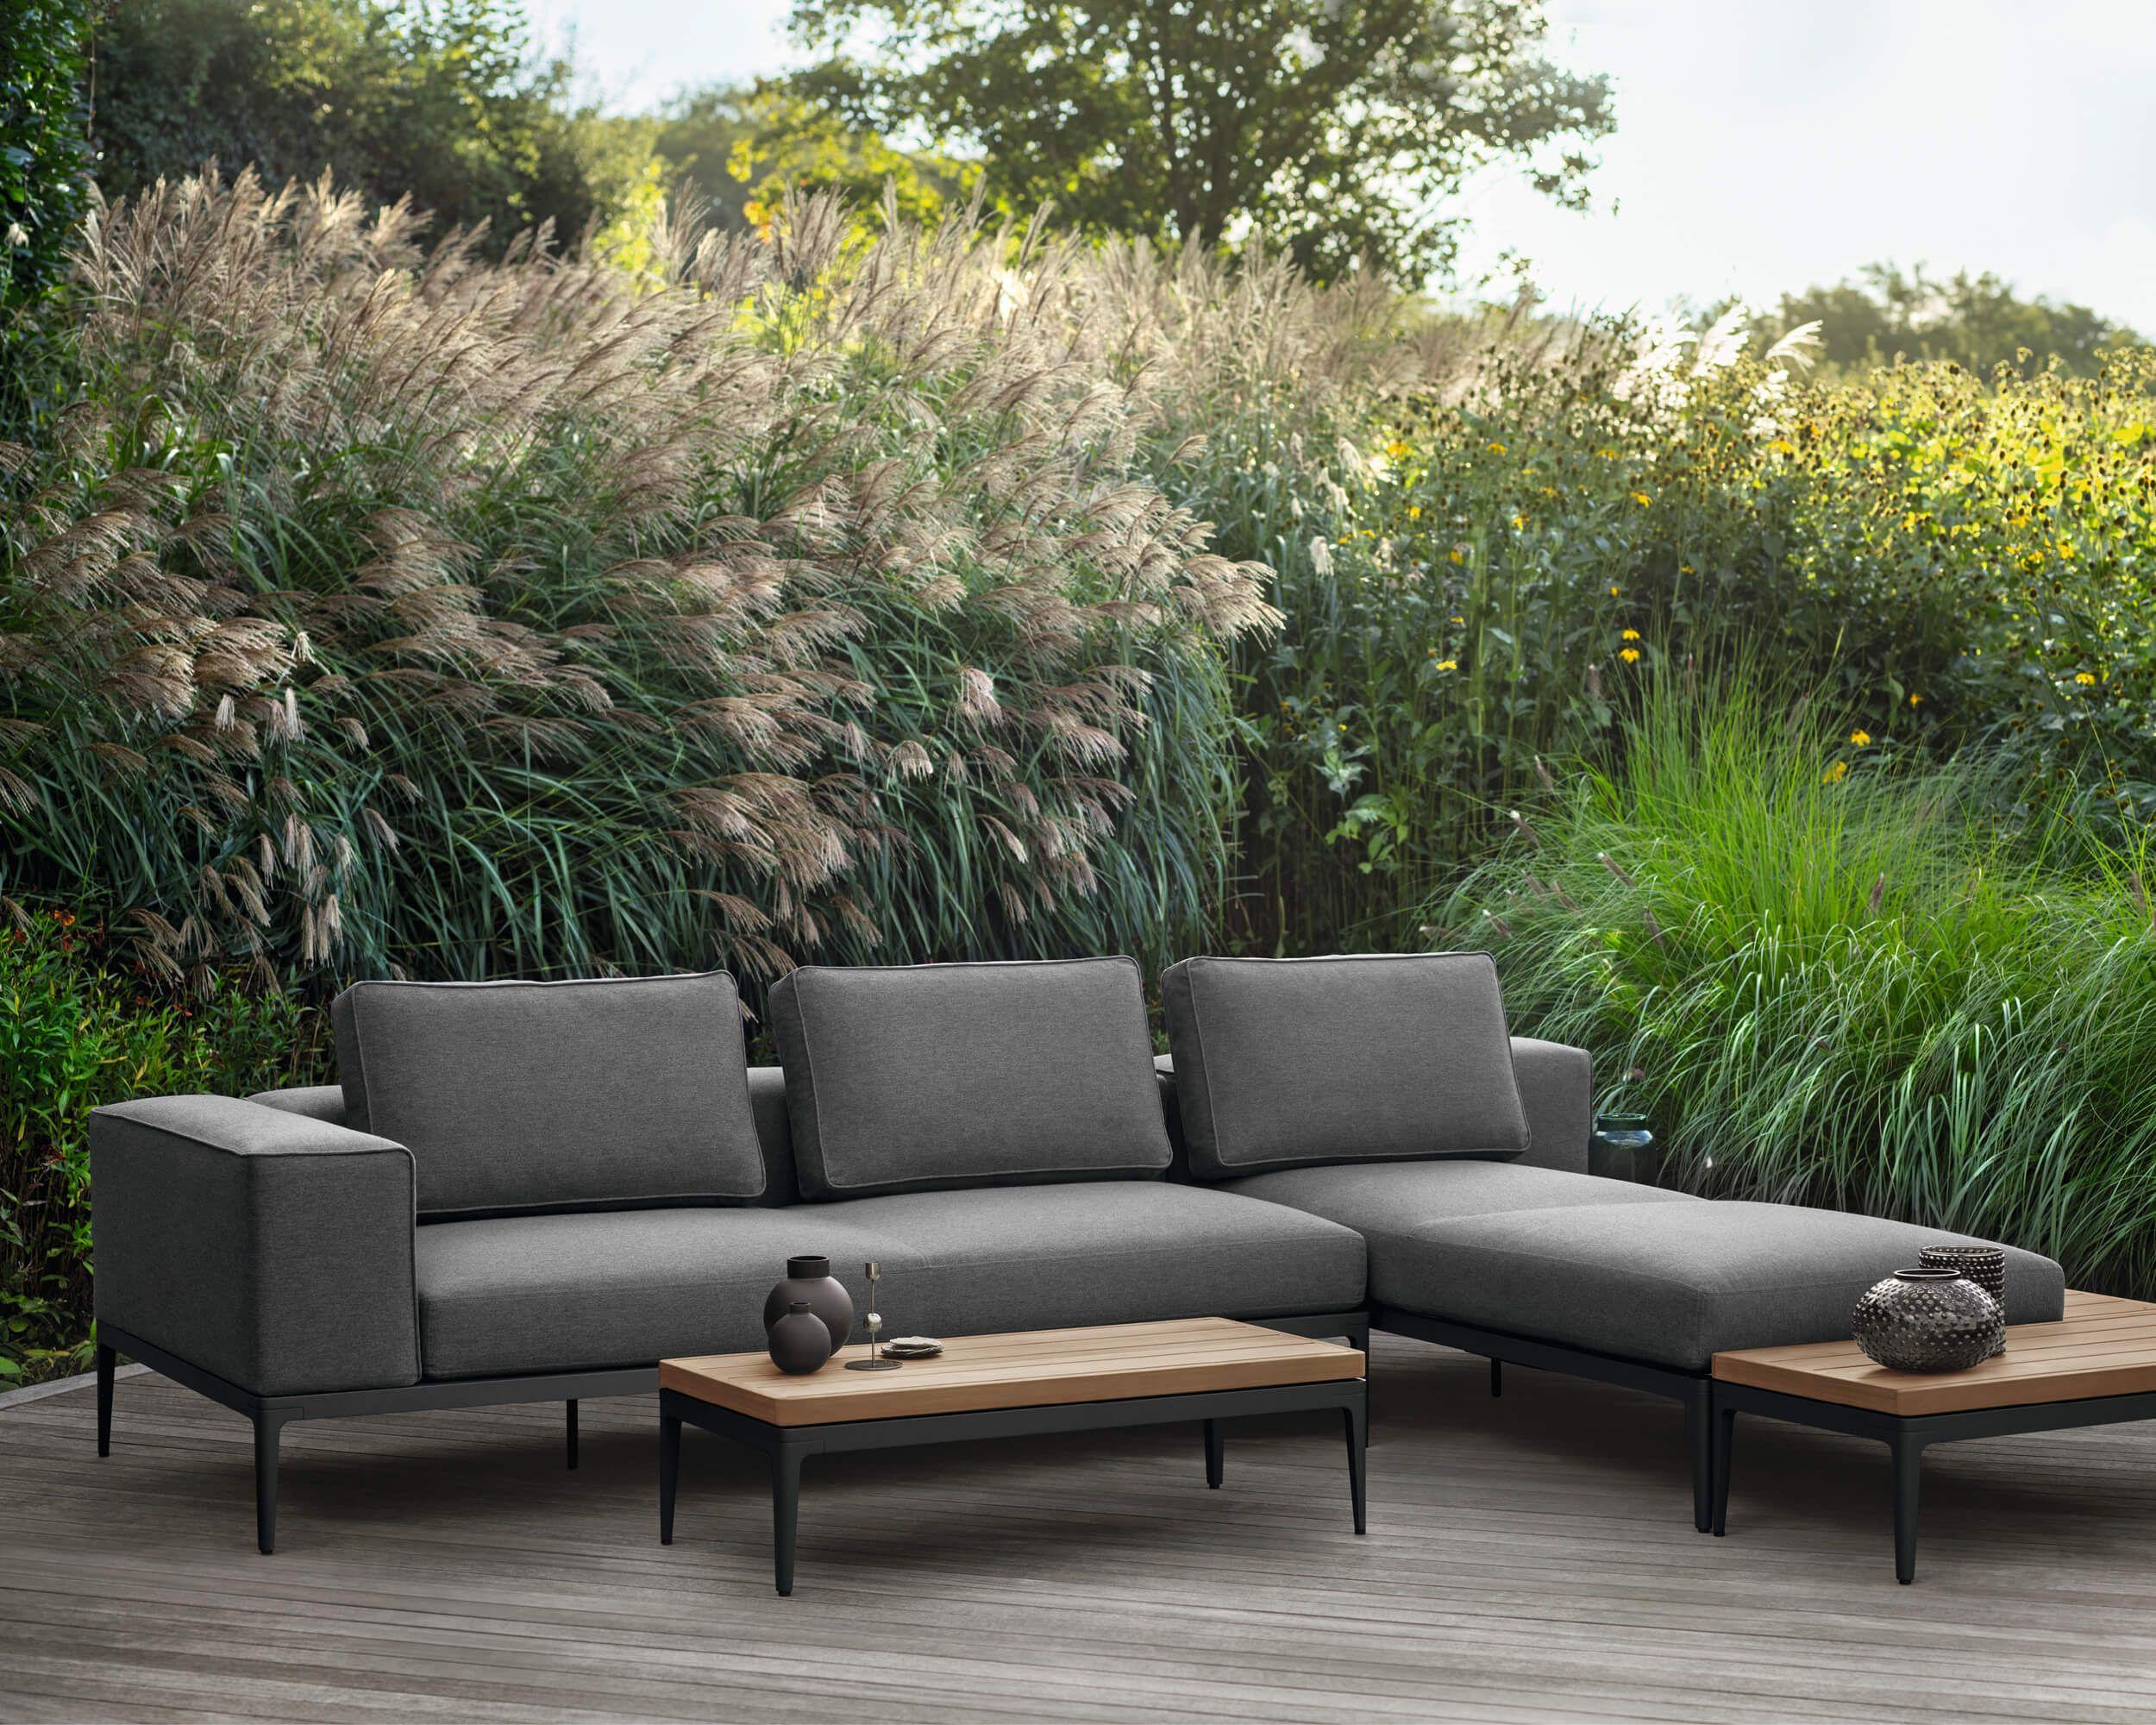 Aufatmen Loslassen Zusammenrucken Einander Zeit Schenken Und Werte Teilen Dafur Entwickeln Wir Die Besten Ide Outdoor Lounge Mobel Lounge Mobel Gartenmobel